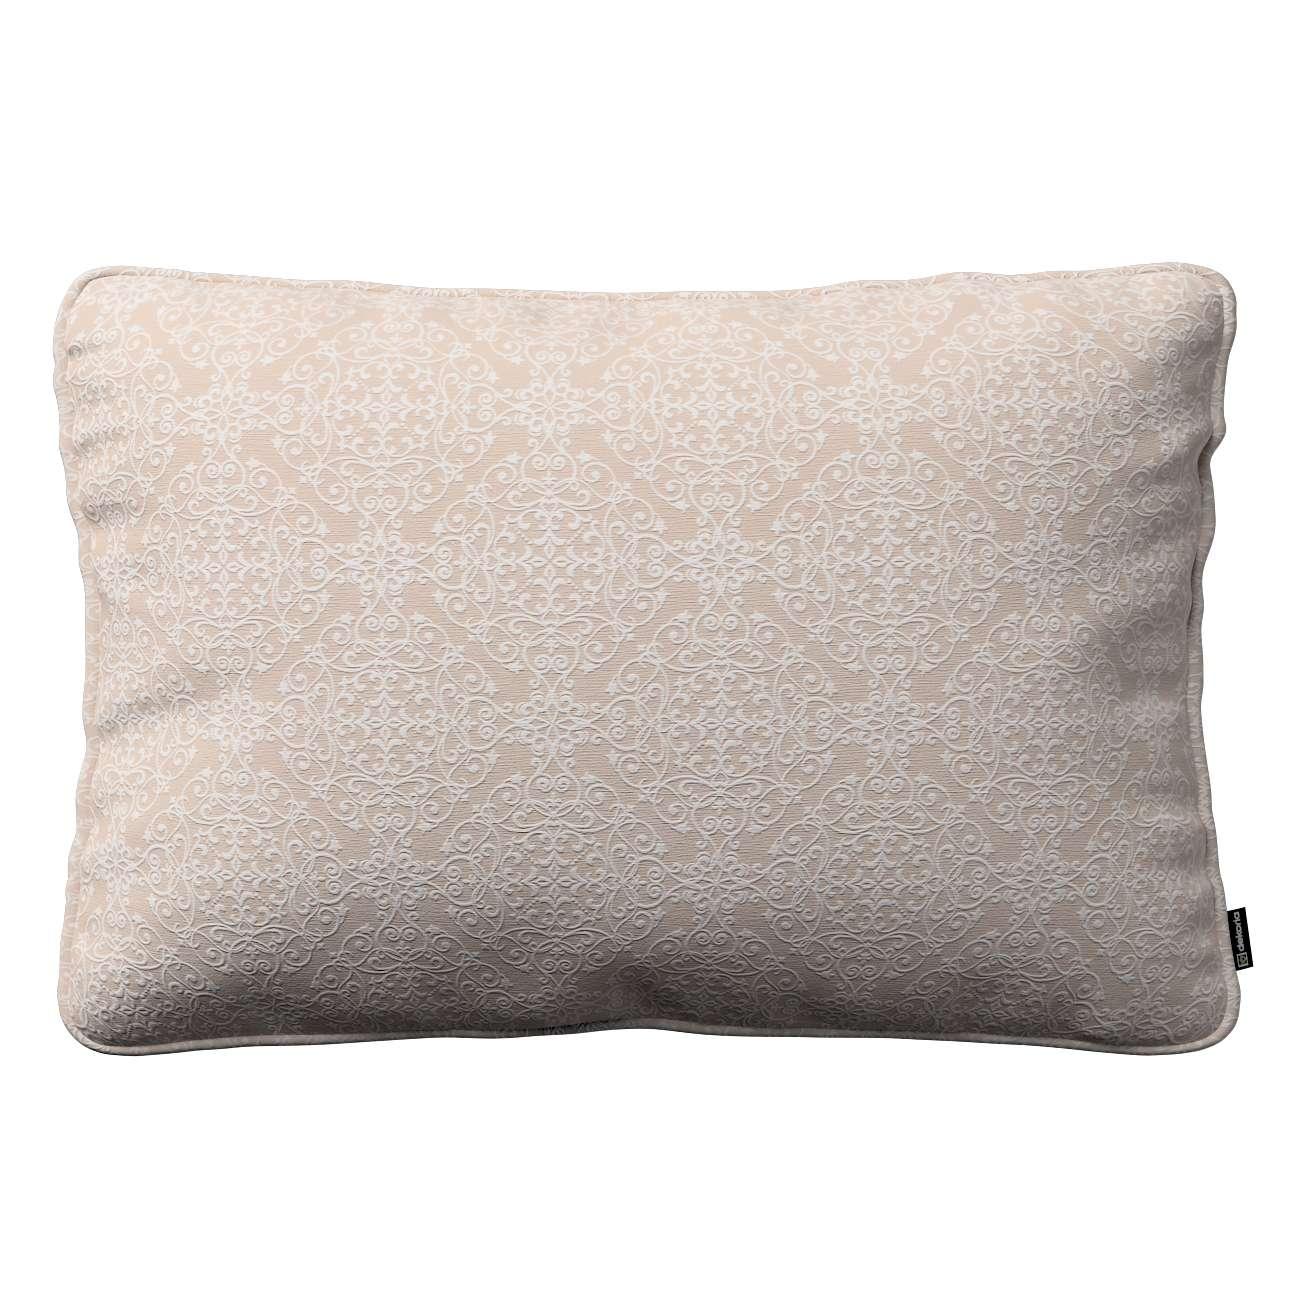 Poszewka Gabi na poduszkę prostokątna 60x40cm w kolekcji Flowers, tkanina: 140-39